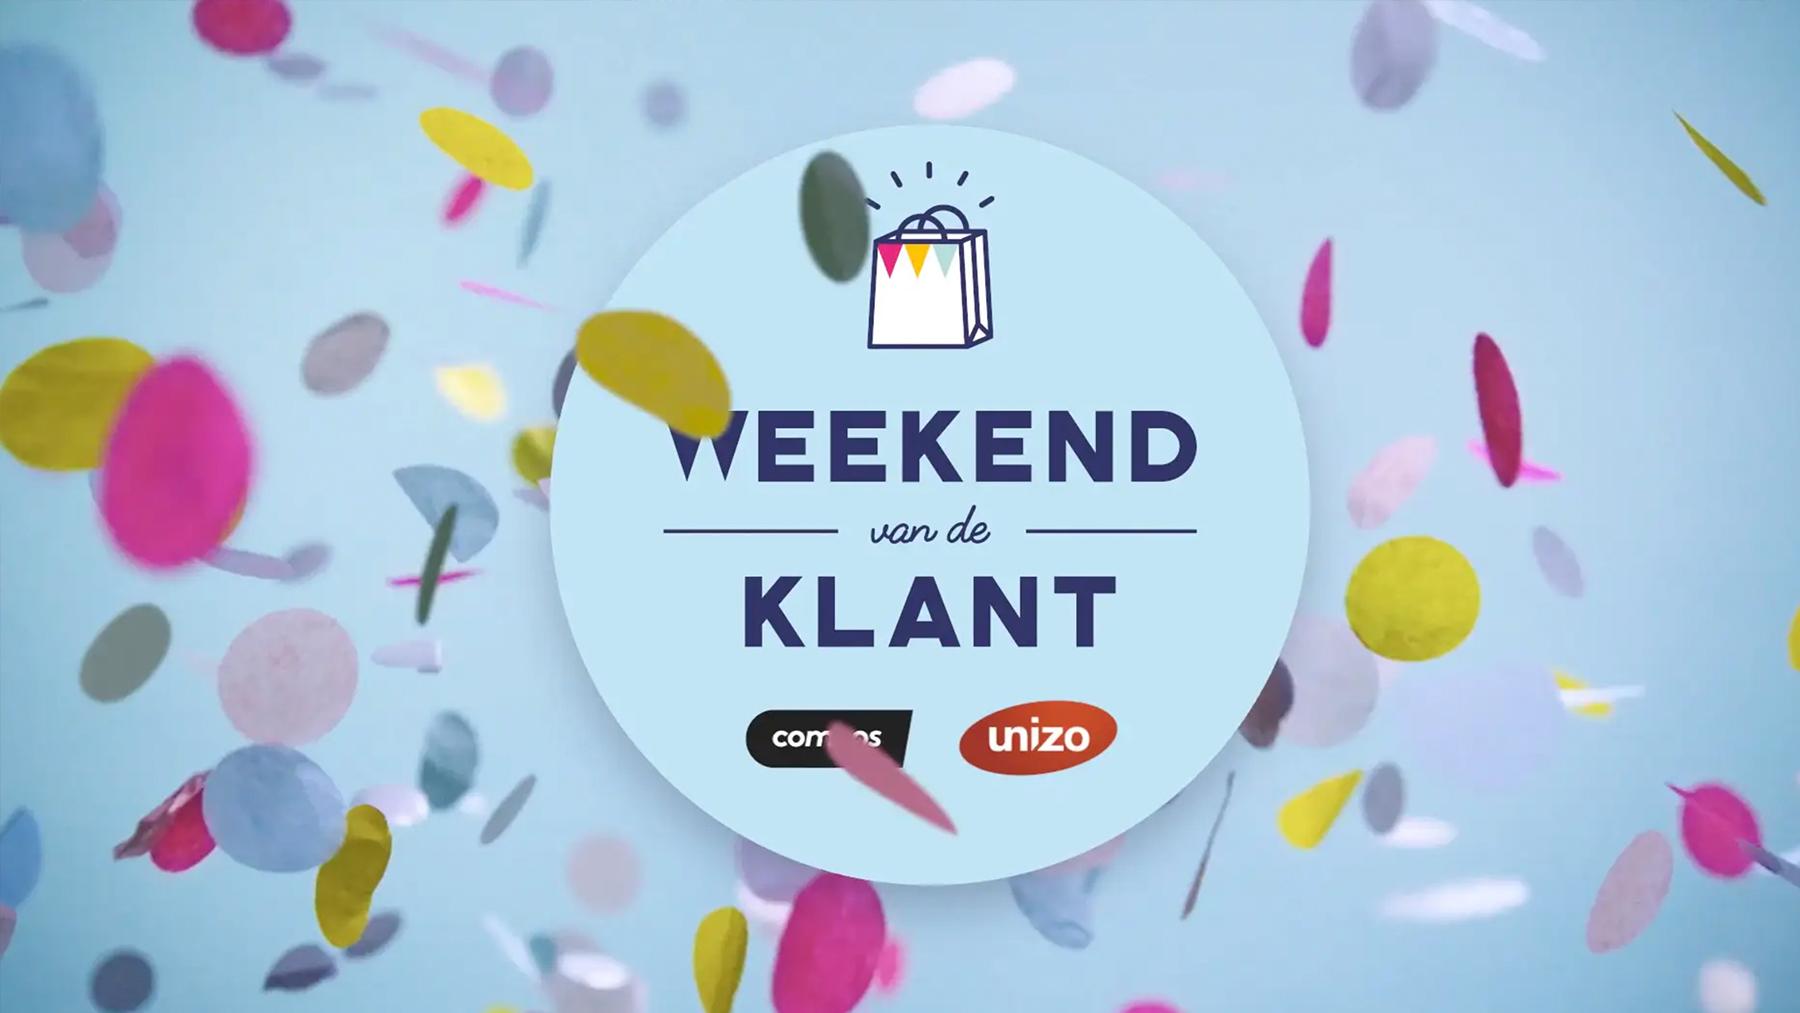 Reclamespot Weekend van de klant